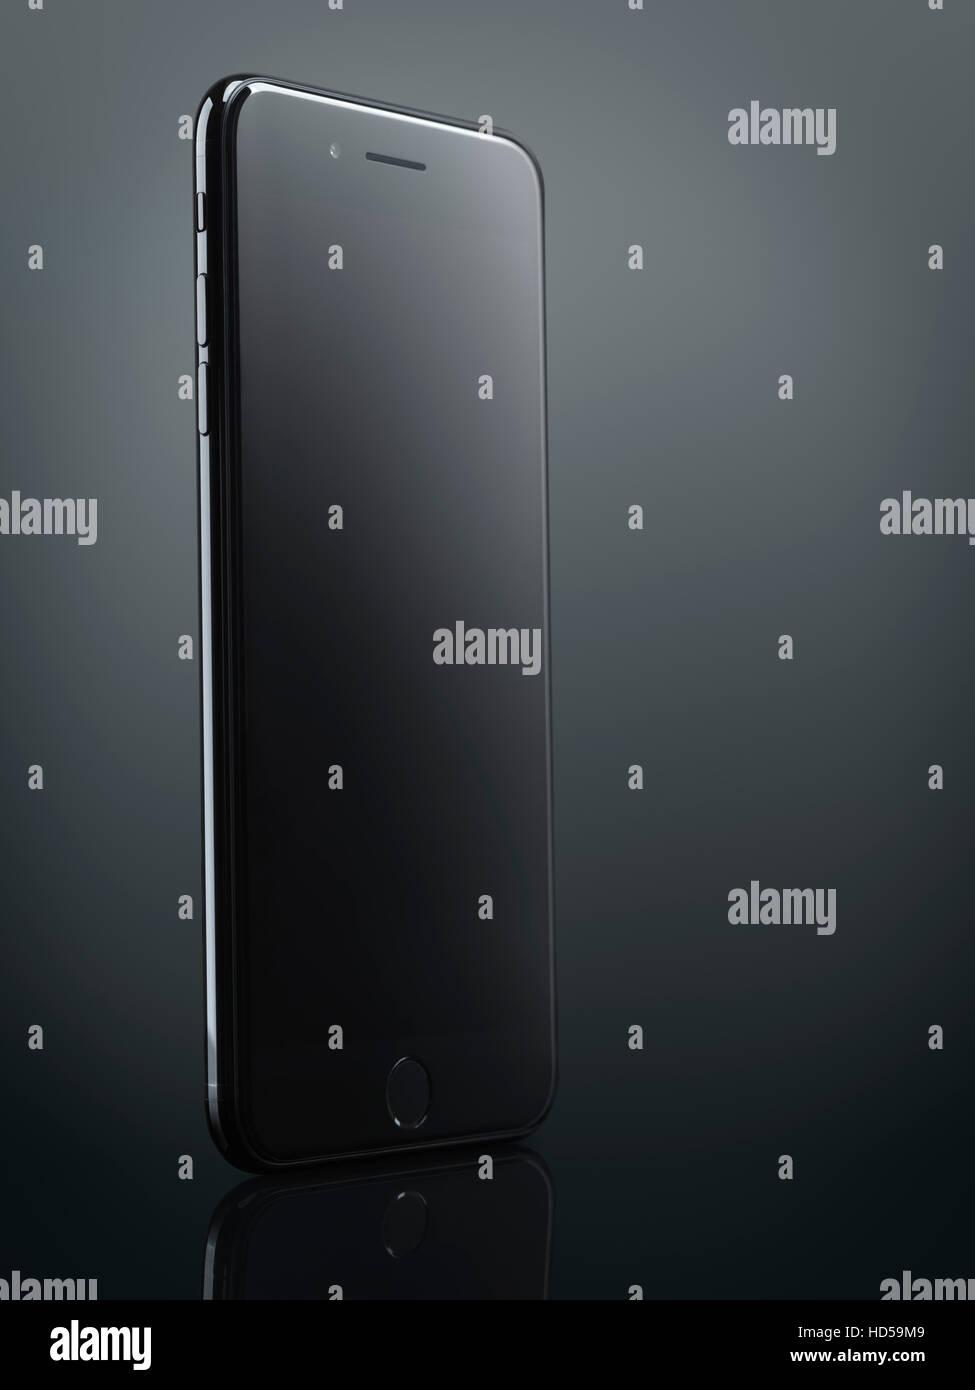 e34a72b454b Apple iPhone 7 noir Plus avec écran blanc isolé sur fond gris foncé avec  clipping path · Oleksiy Maksymenko / Alamy Banque D'Images